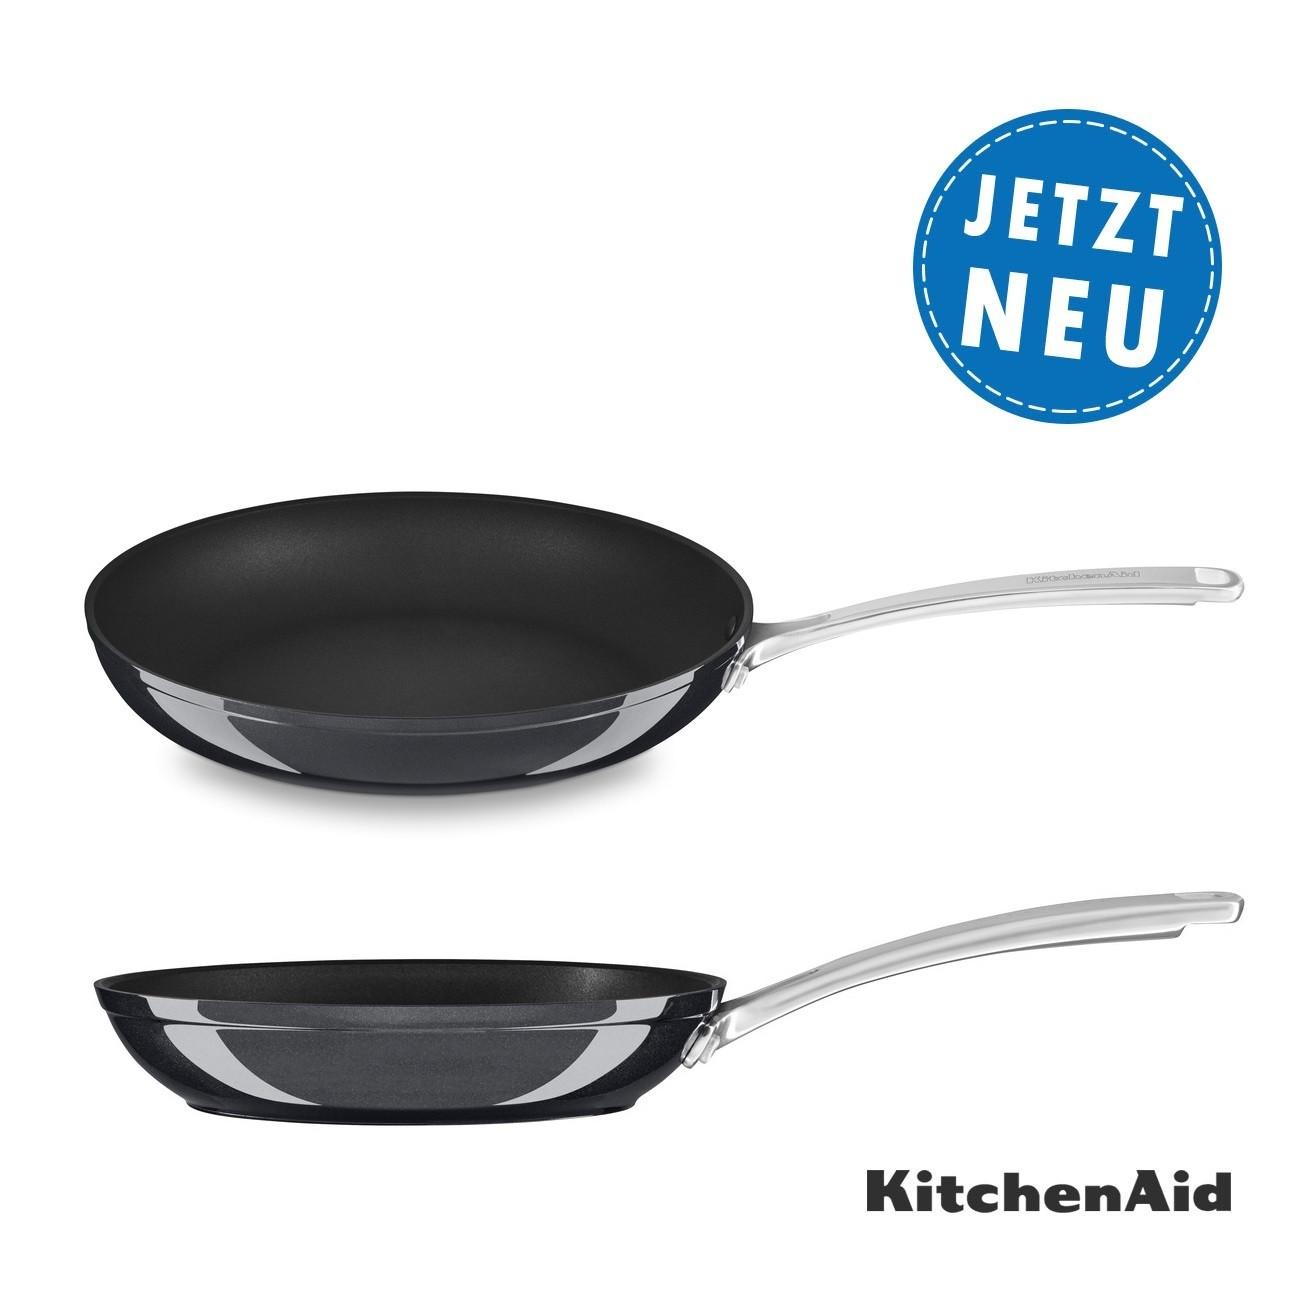 KitchenAid Bratpfanne 30 cm, harteloxiert KC3H112SKEBE